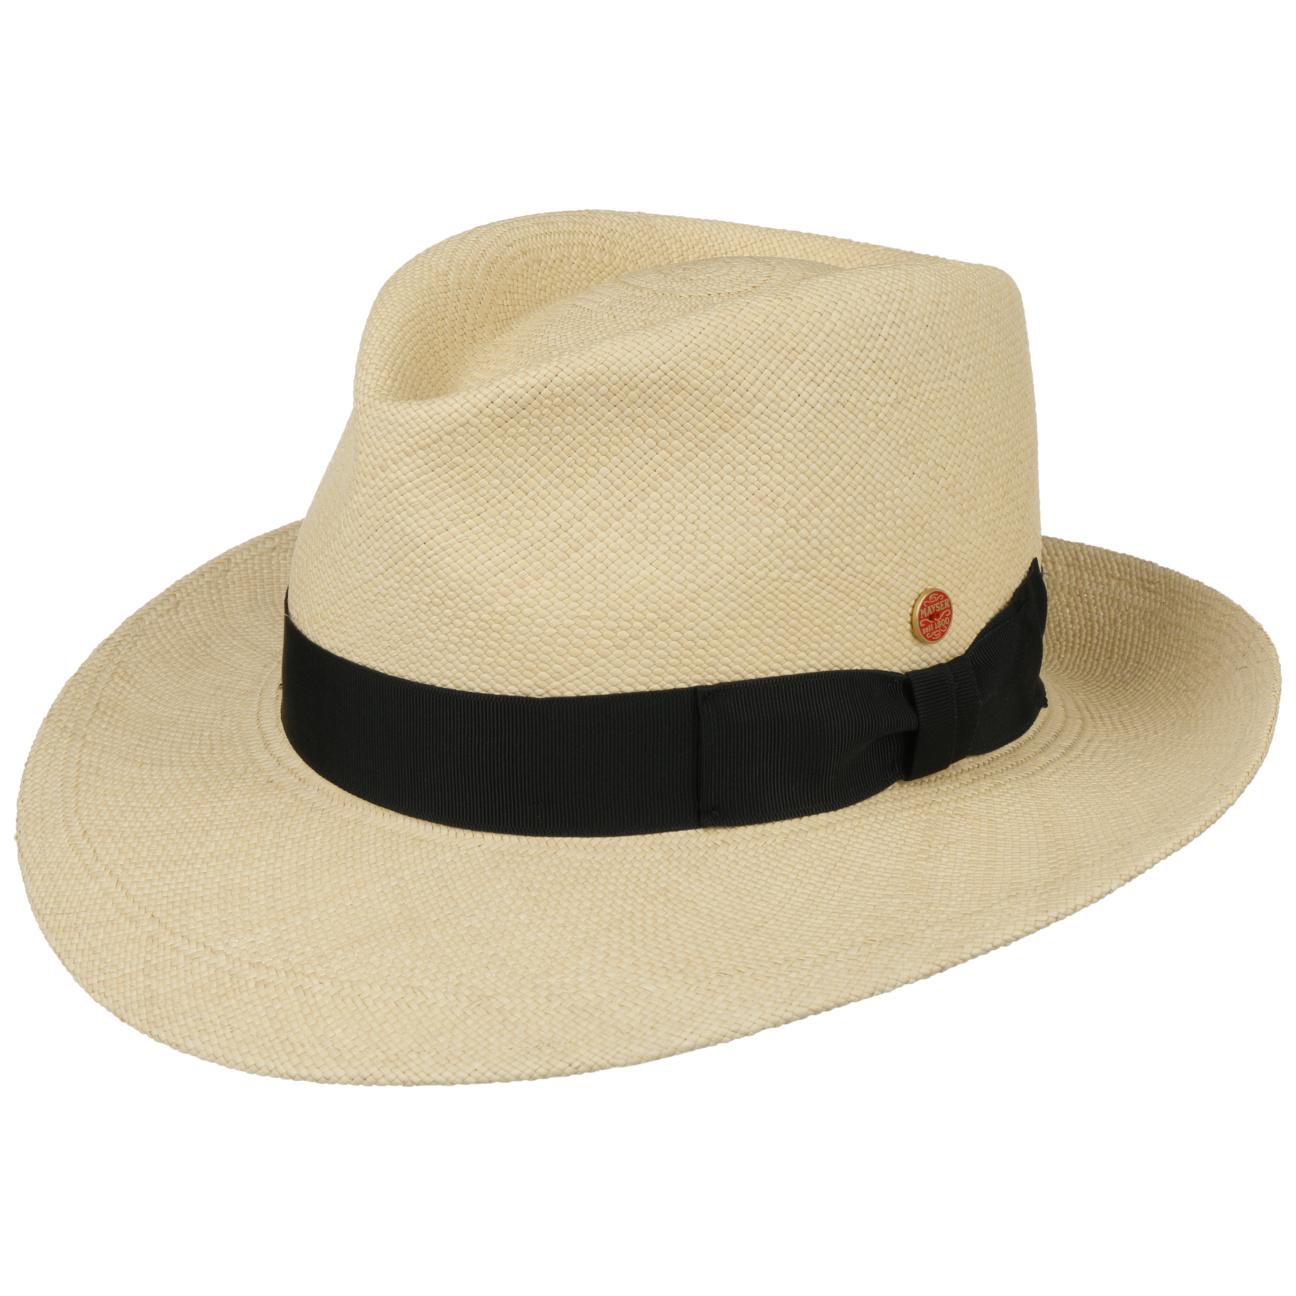 Sombrero Bogart Panam? by Mayser  sombrero de paja de Panam